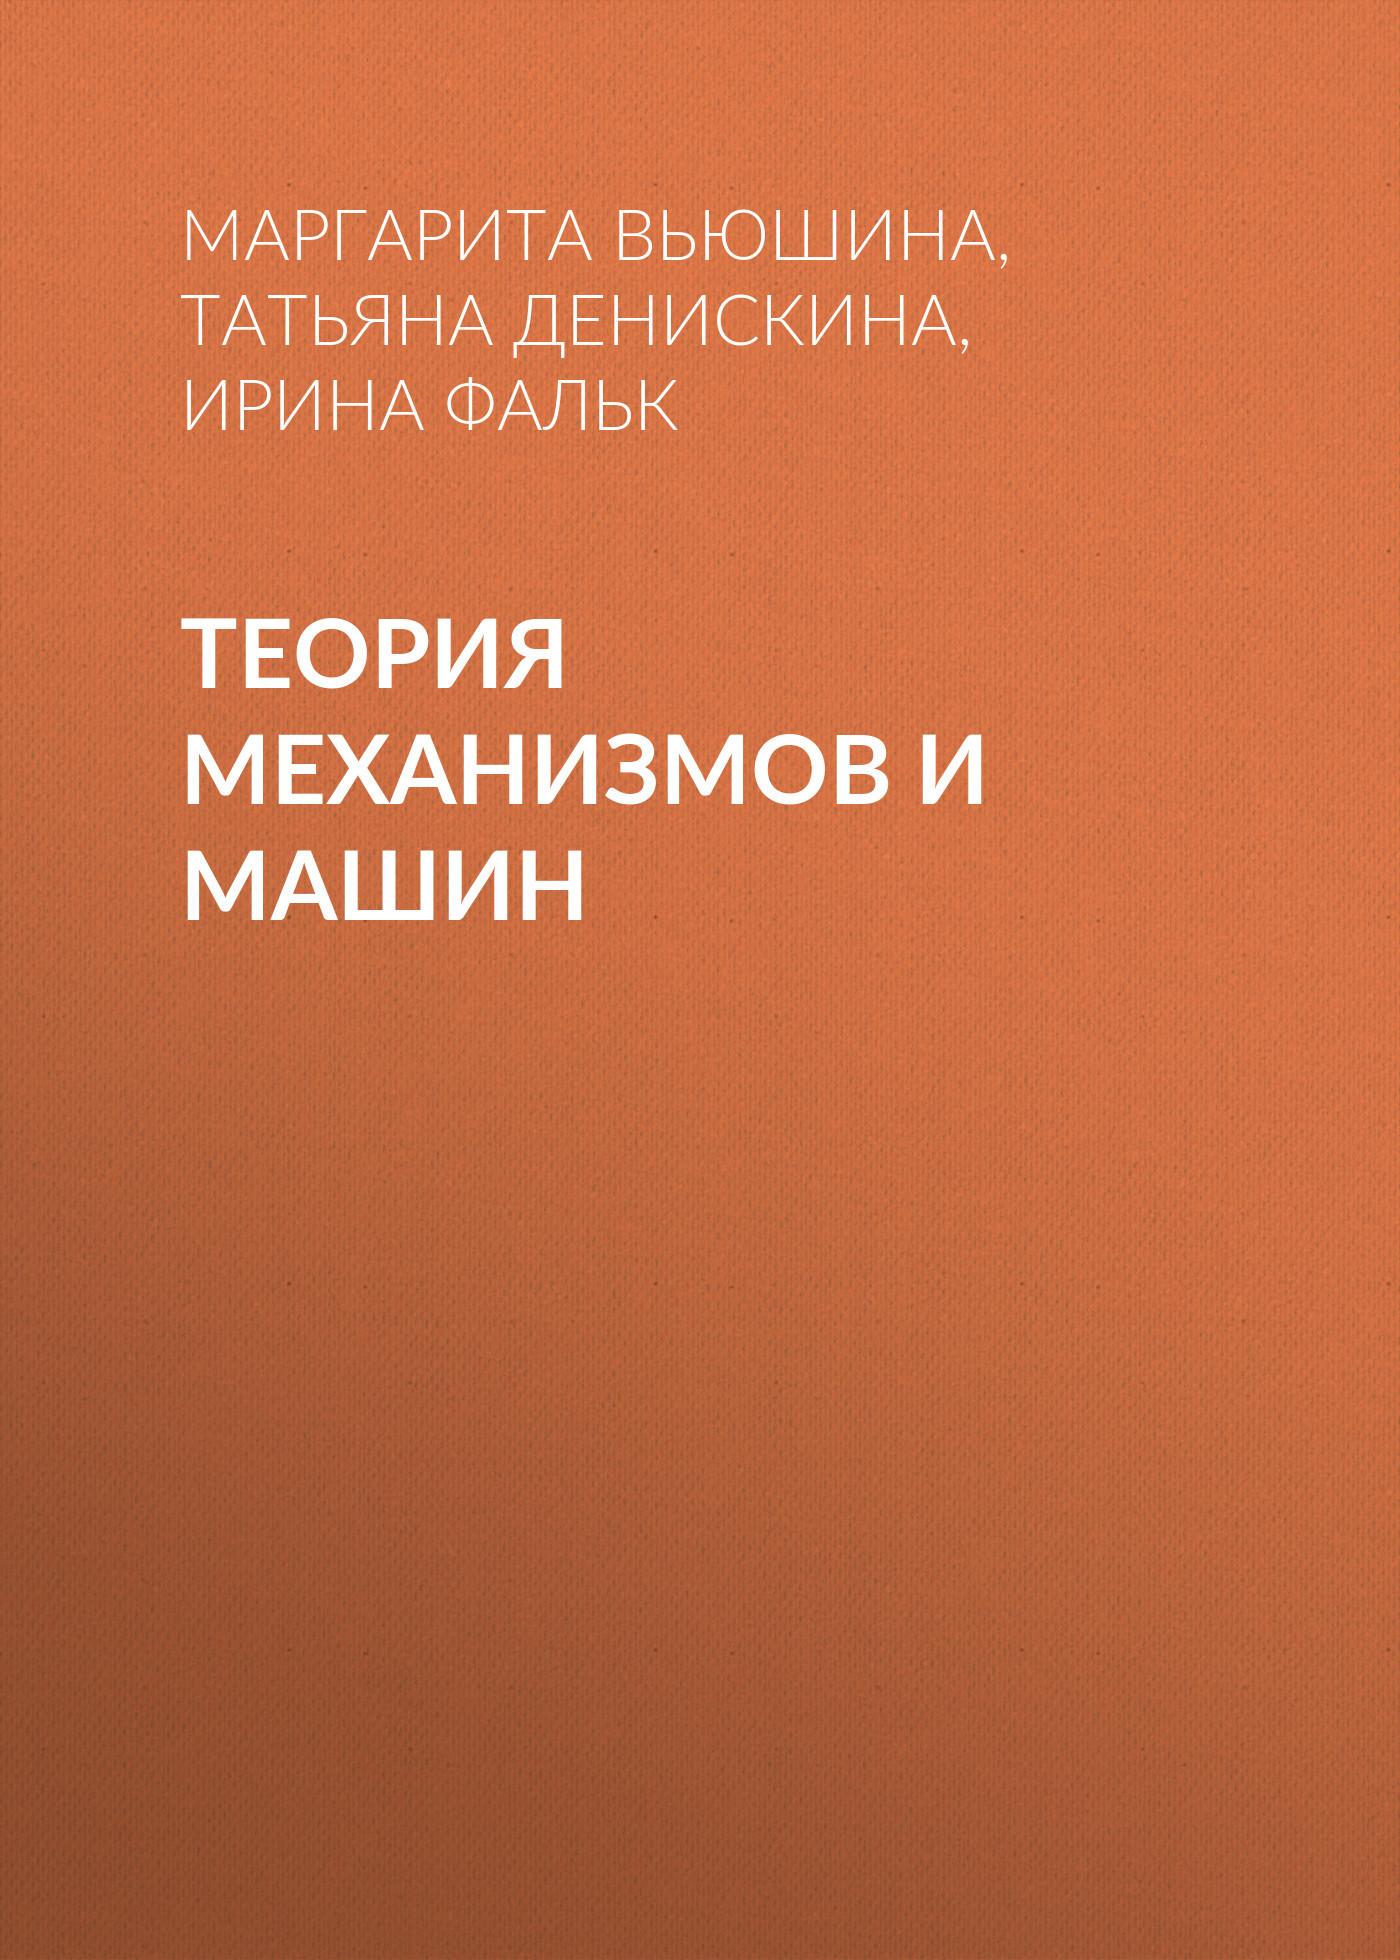 Маргарита Вьюшина Теория механизмов и машин